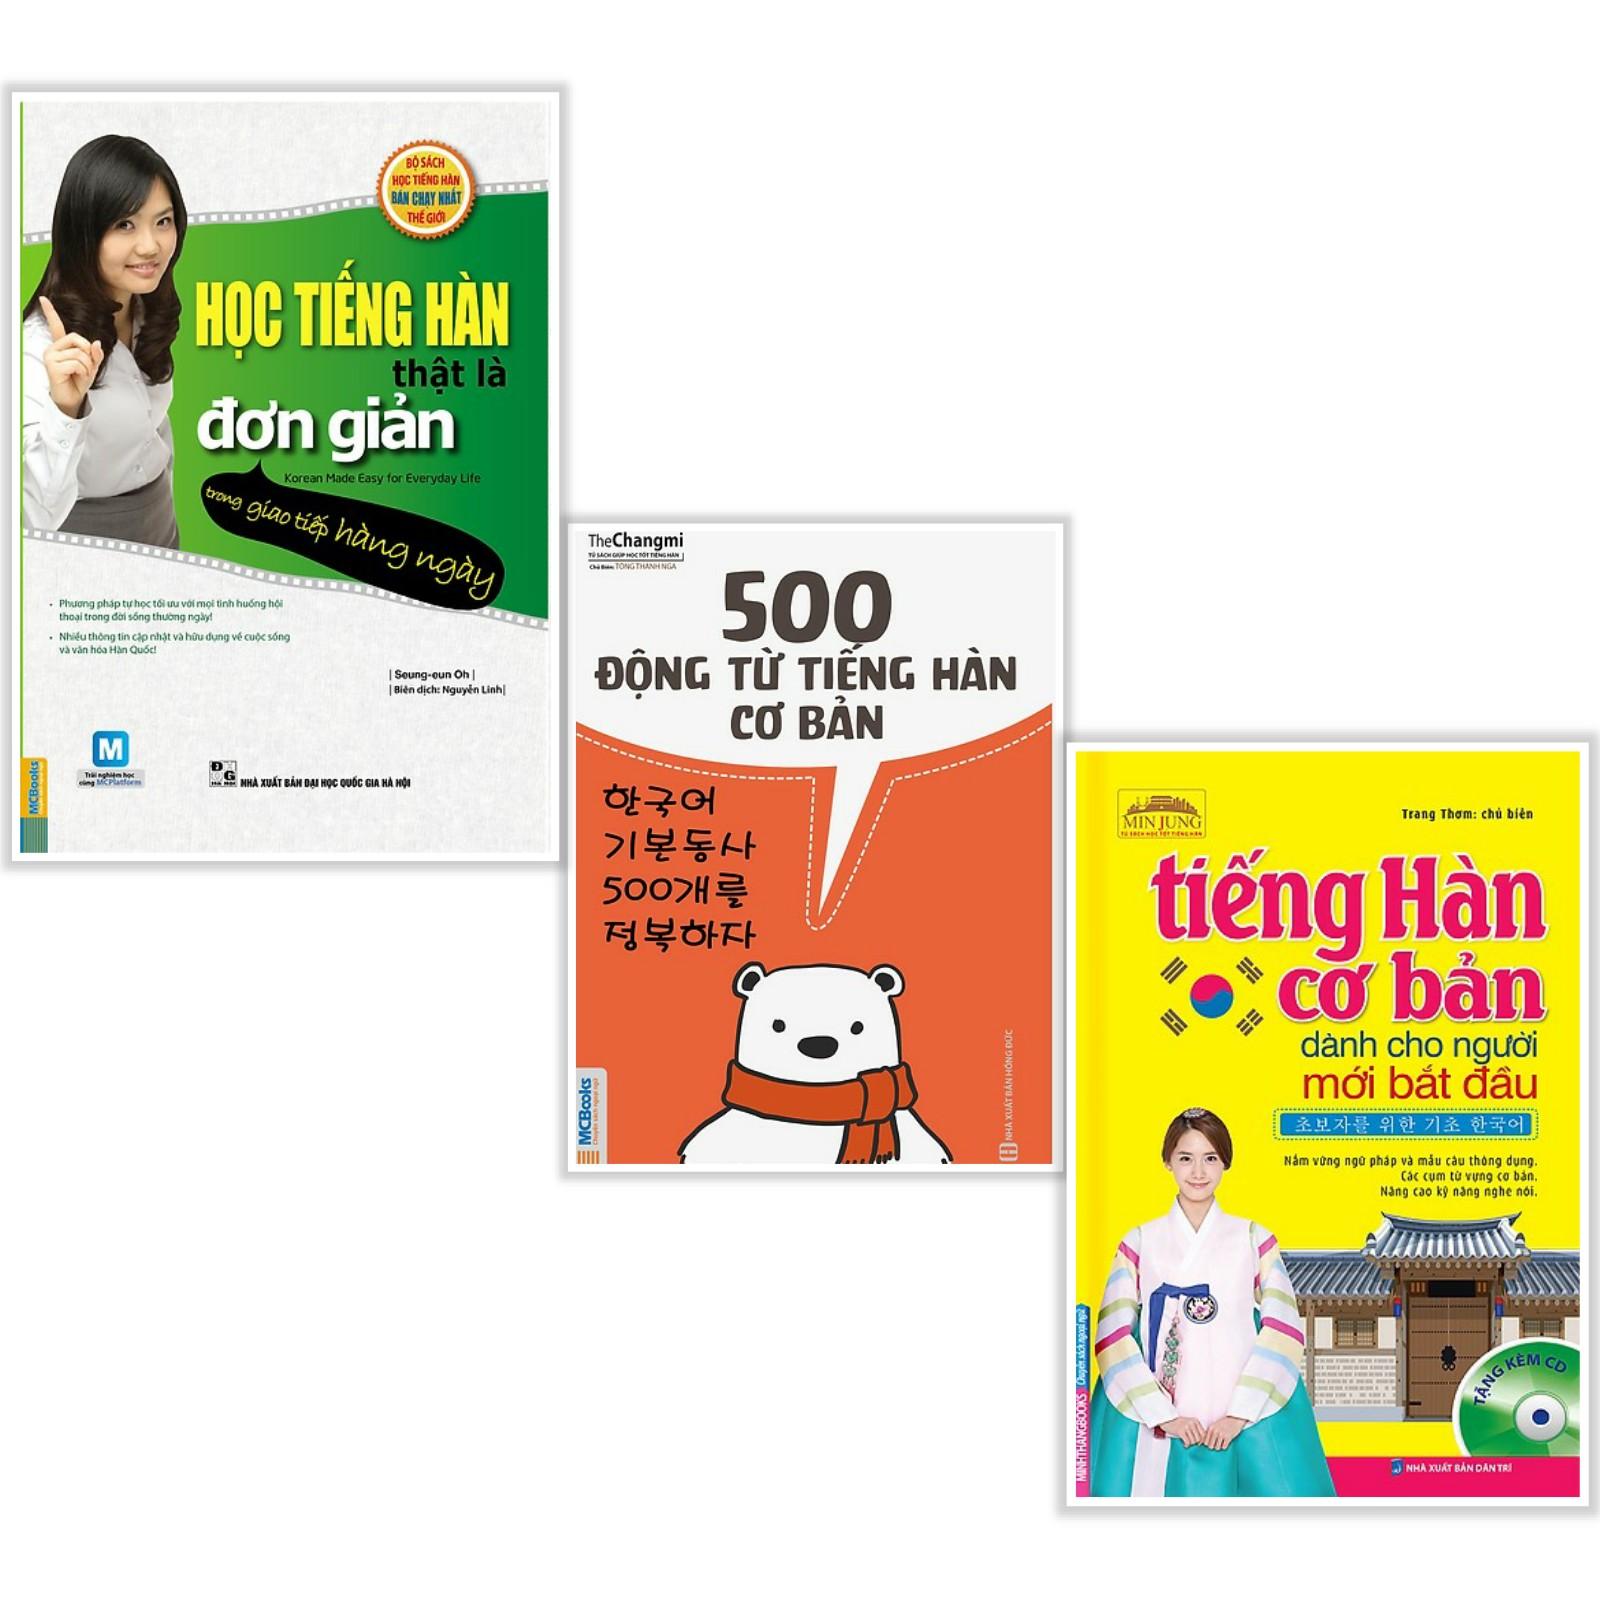 Combo Sách Tiếng Hàn Học Tiếng Hàn Thật Là Đơn Giản  500 Động Từ Tiếng Hàn Cơ Bản  Tiếng Hàn Cơ Bản Dành Cho Người Mới Bắt Đầu 3 cuốn - Tặng kèm Bookmark Happy Life